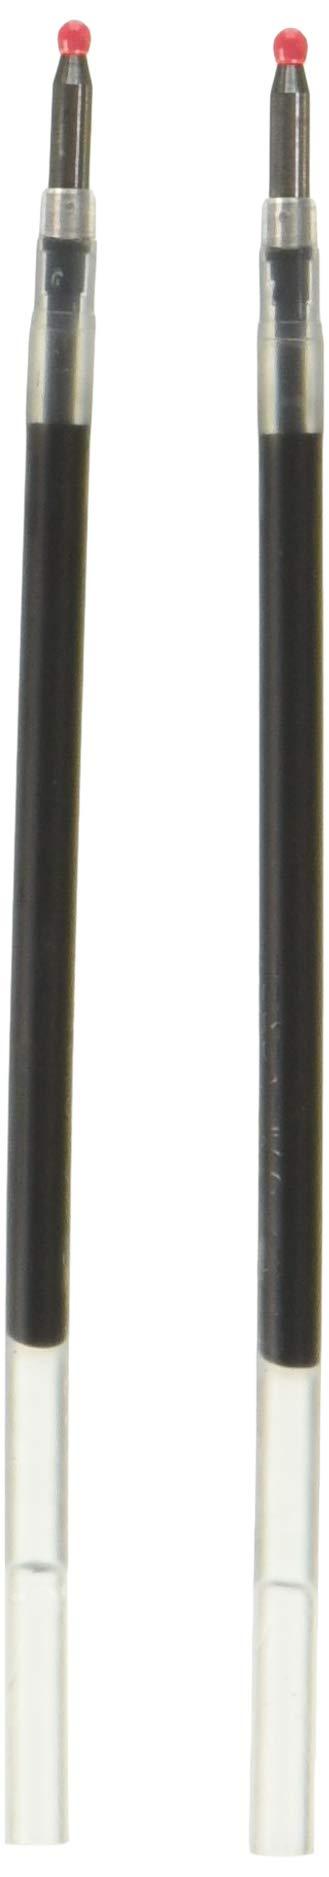 6 PACK - 12 REFILLS/Zebra JK Refills for G301Gel Rollerball.